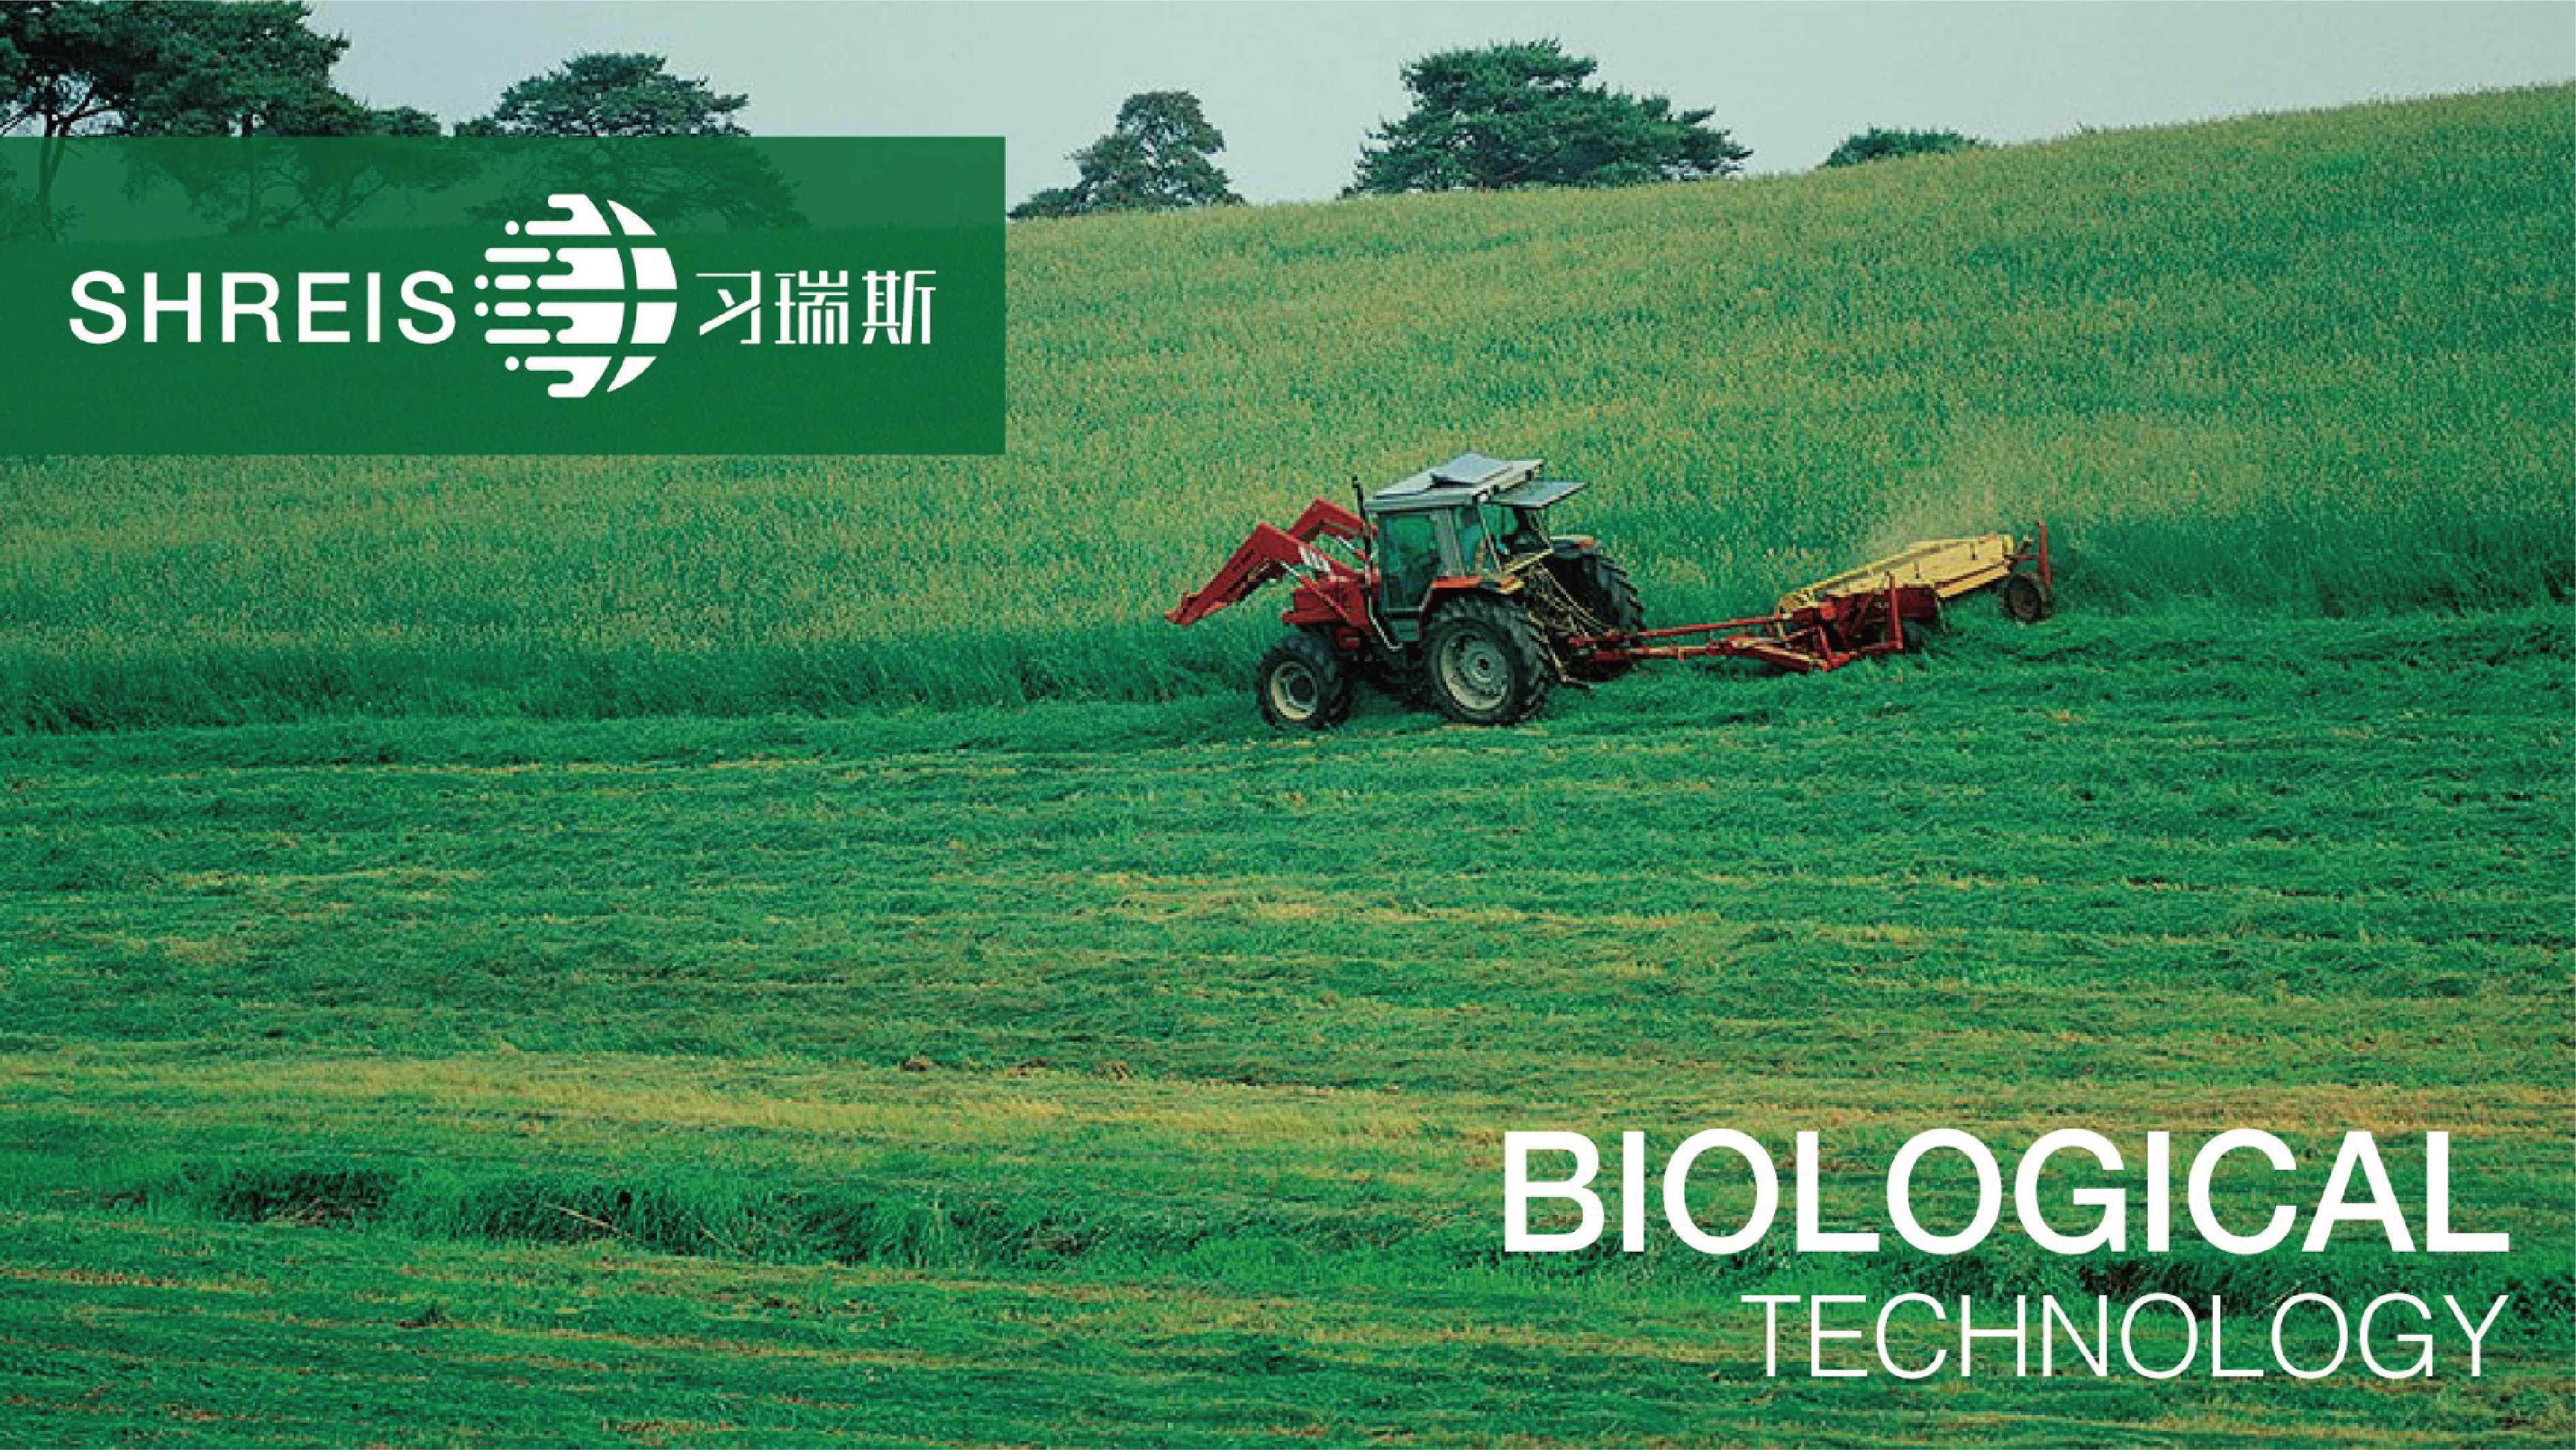 融延土壤肥料-融延土壤肥料-08